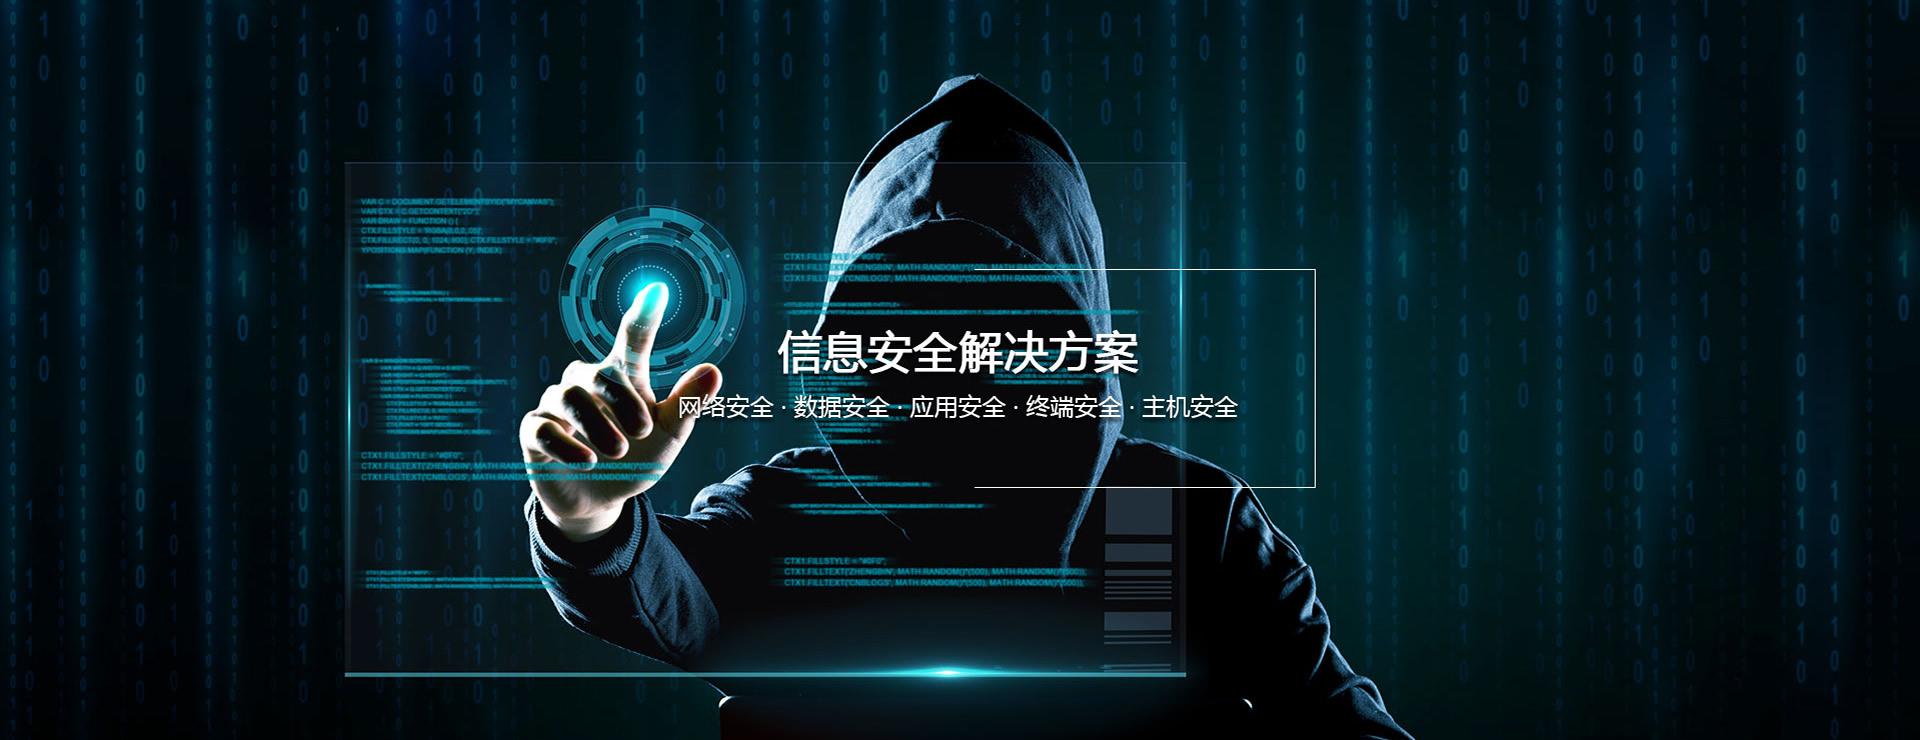 深圳飞塔防火墙